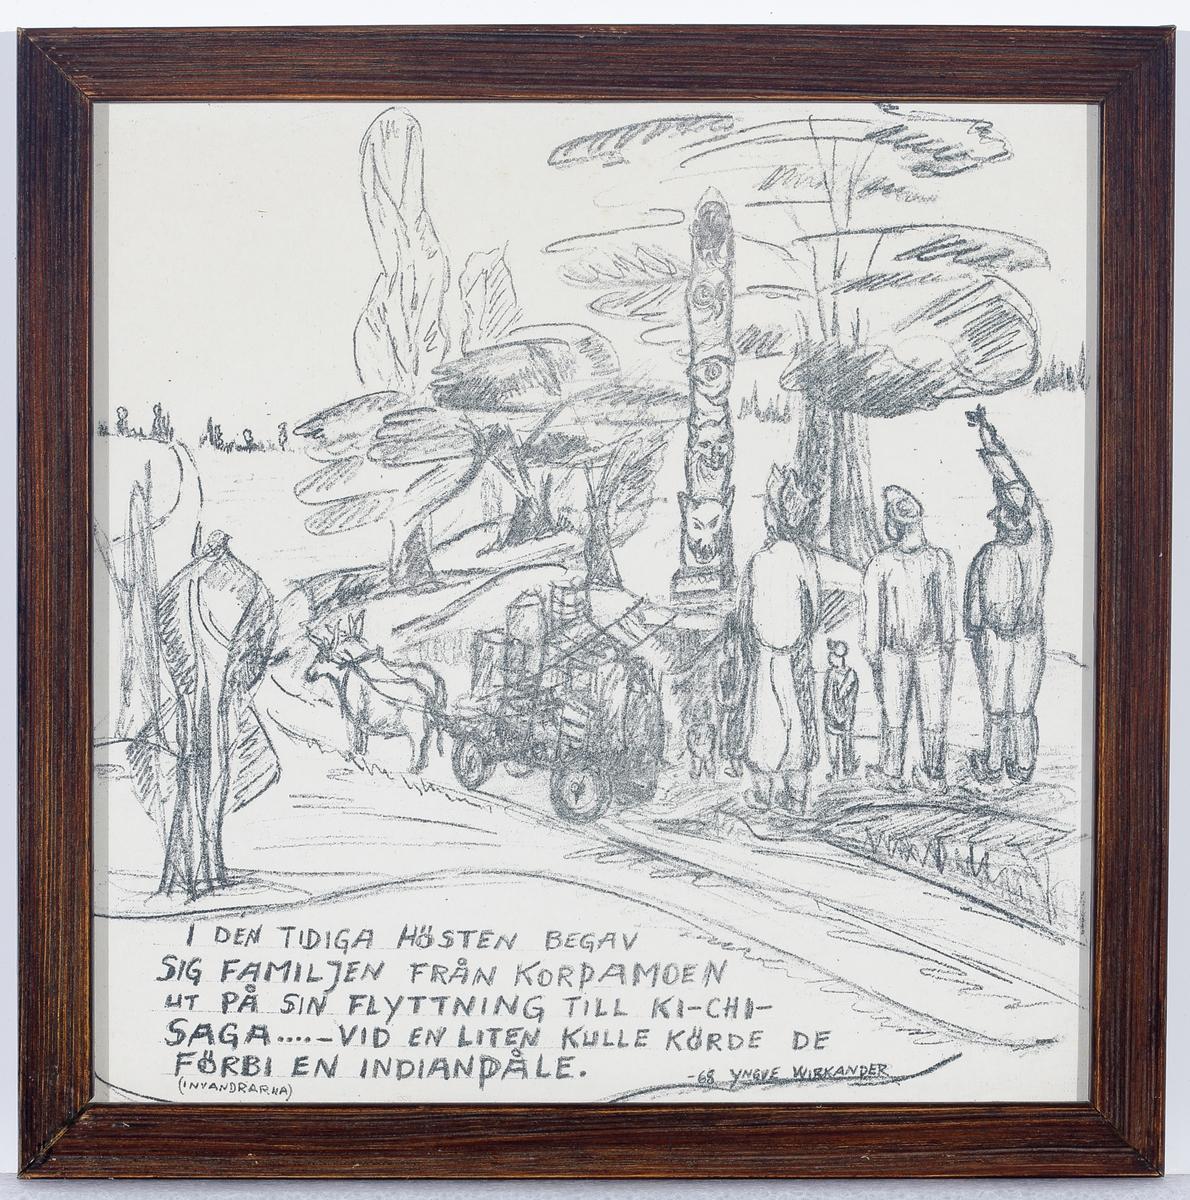 En teckning föreställande Karl Oskar och Kristinas flyttning till Ki-Chi-Saga. (Ur Invandrarna, av Vilhelm Moberg).